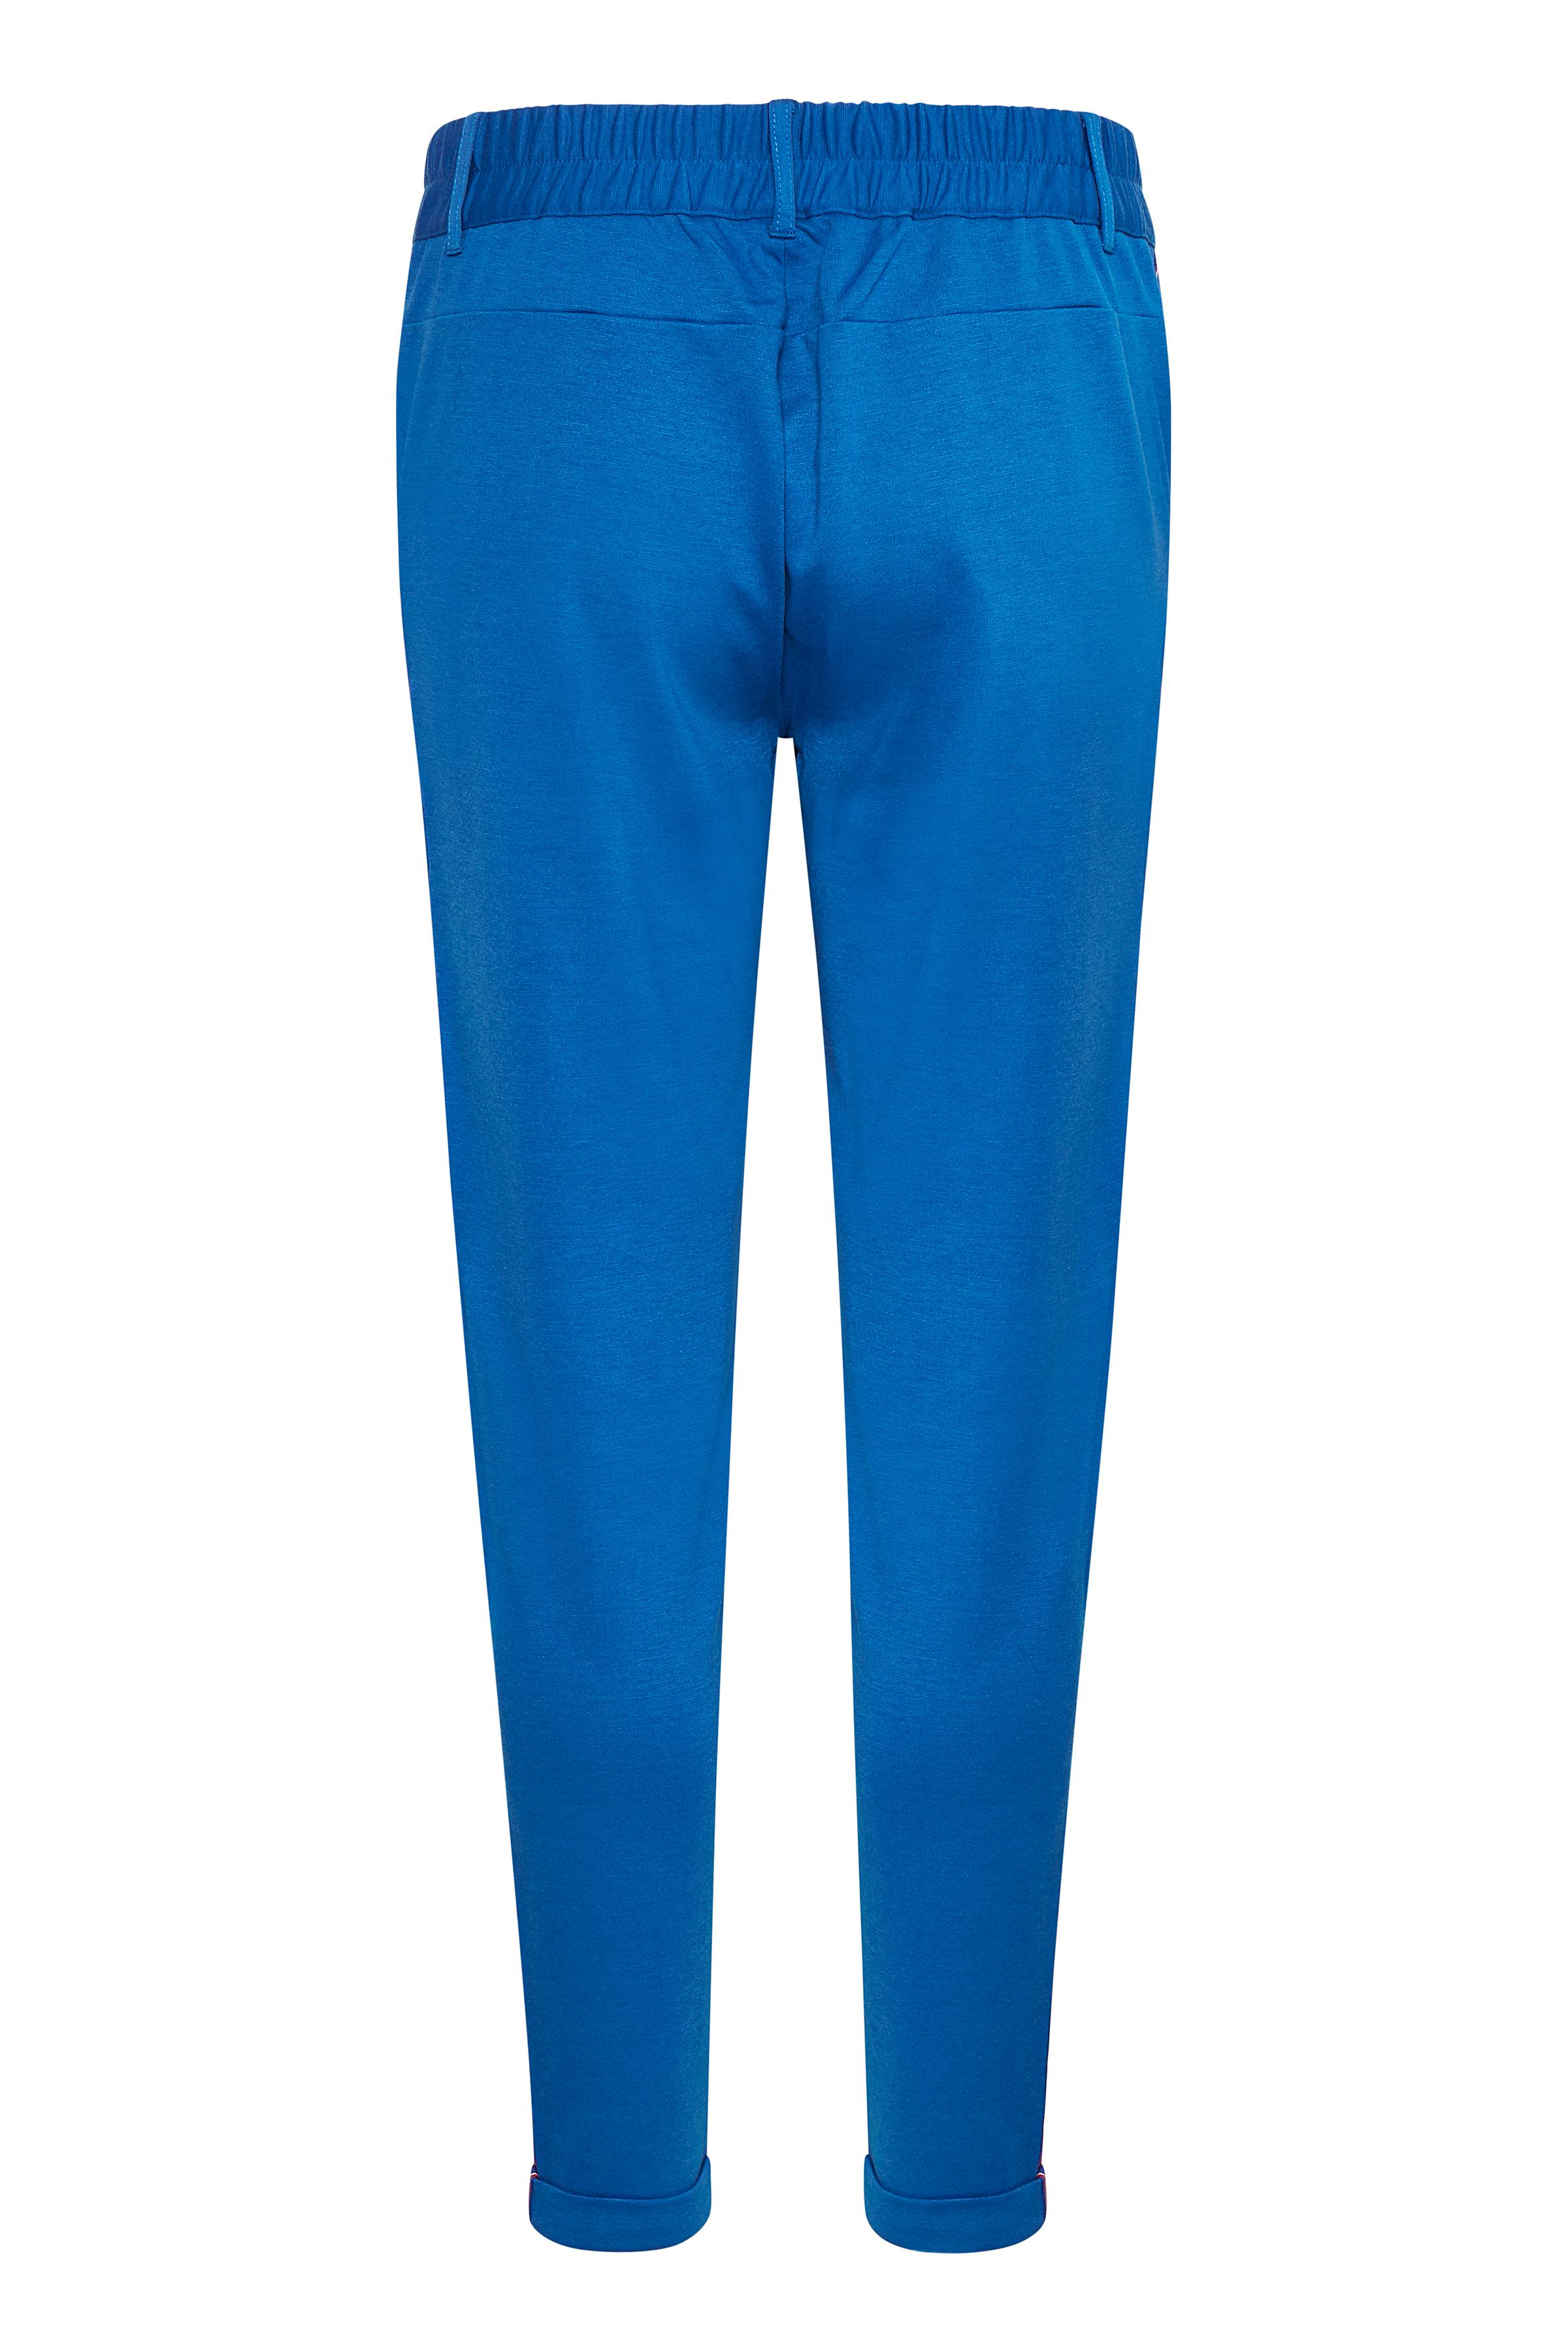 Blue Iolite Hose von Kaffe – Shoppen SieBlue Iolite Hose ab Gr. XS-XXL hier